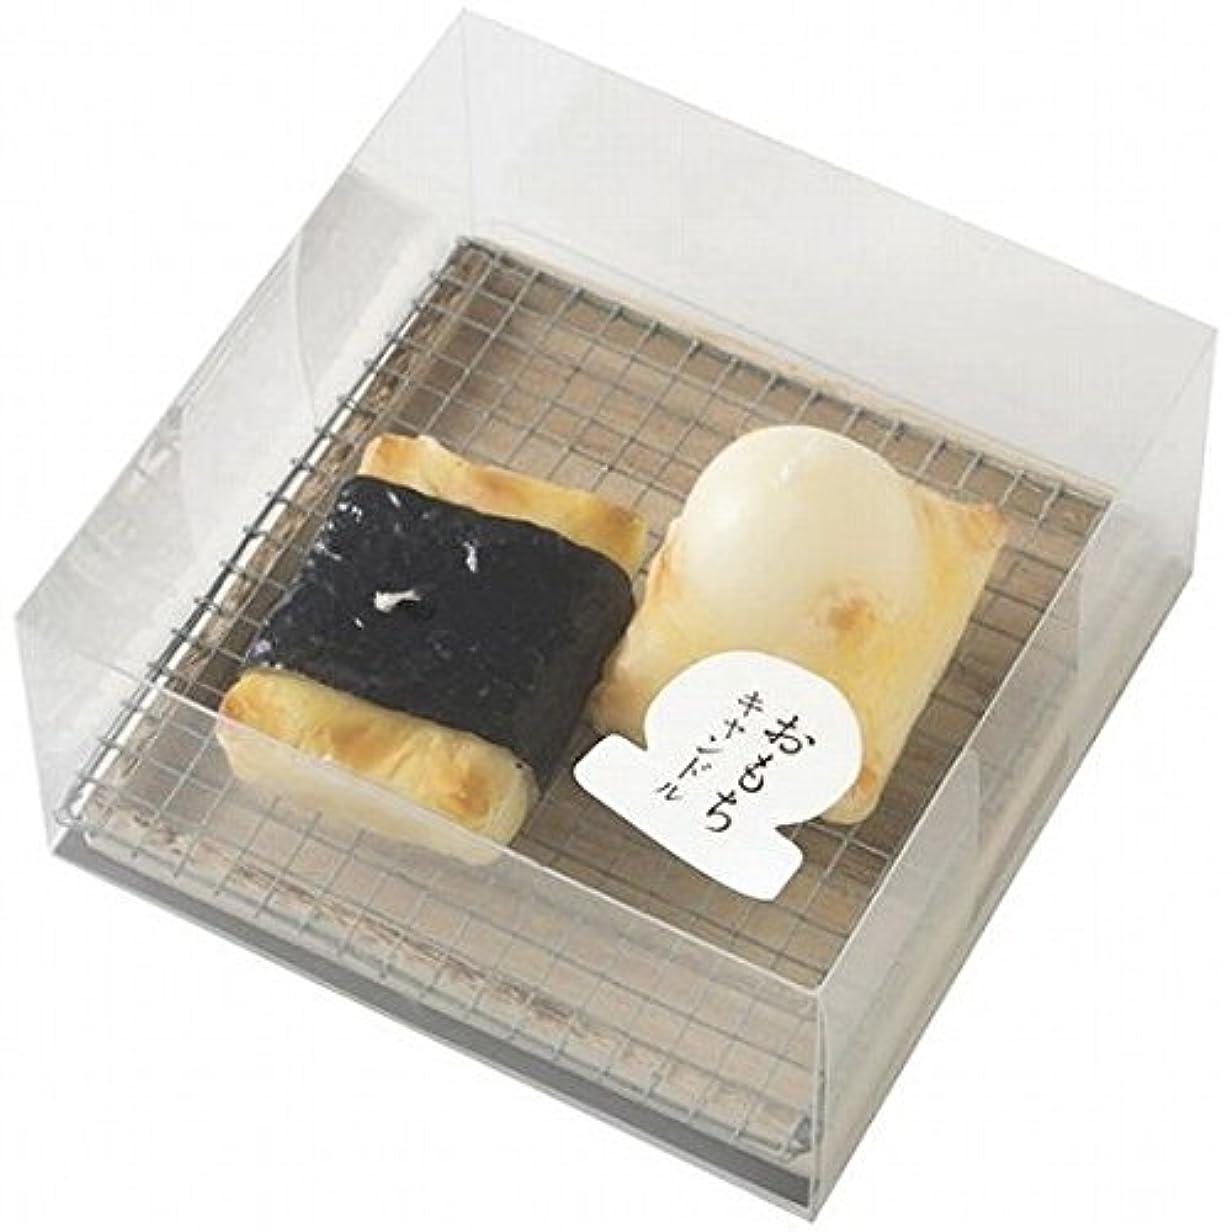 マークされたピックどこかkameyama candle(カメヤマキャンドル) おもちキャンドル(86930000)